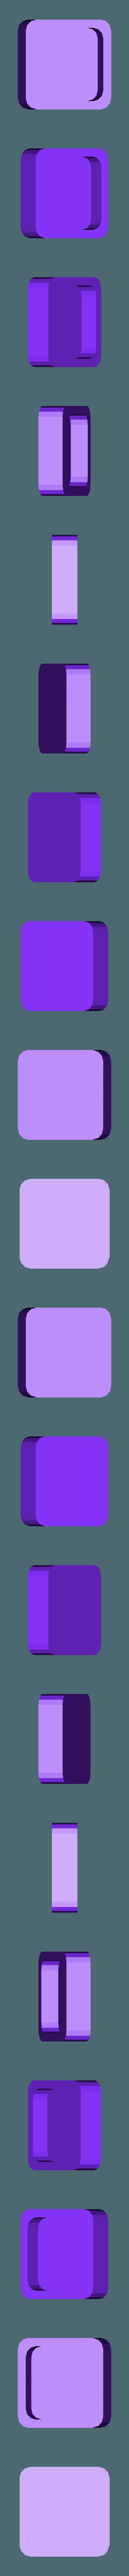 Benzene seal cover.stl Télécharger fichier STL gratuit Joint benzène (#XYZCHALLENGE) • Modèle à imprimer en 3D, kaifat115